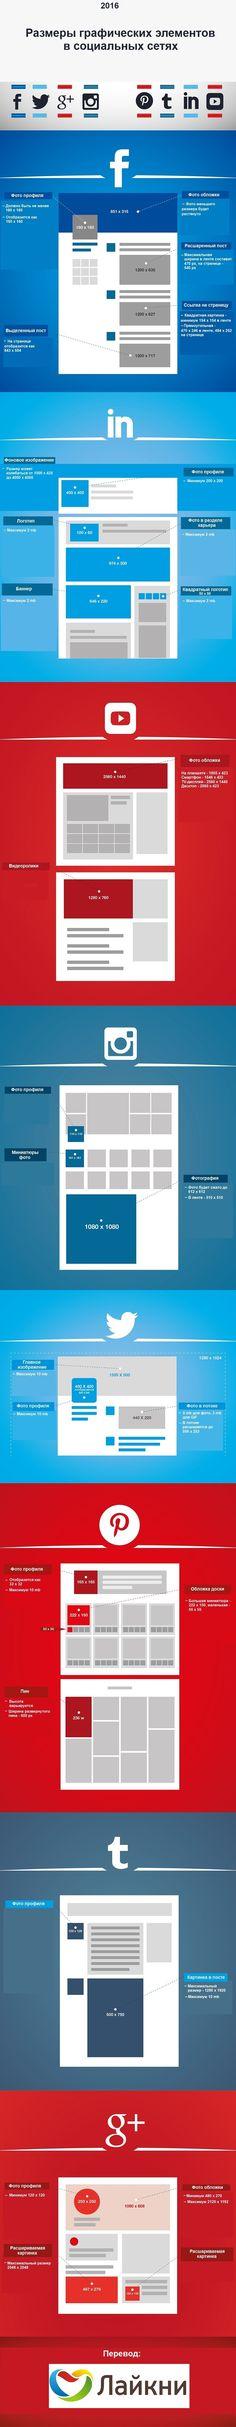 Инфографика: Размеры графических элементов в социальных сетях